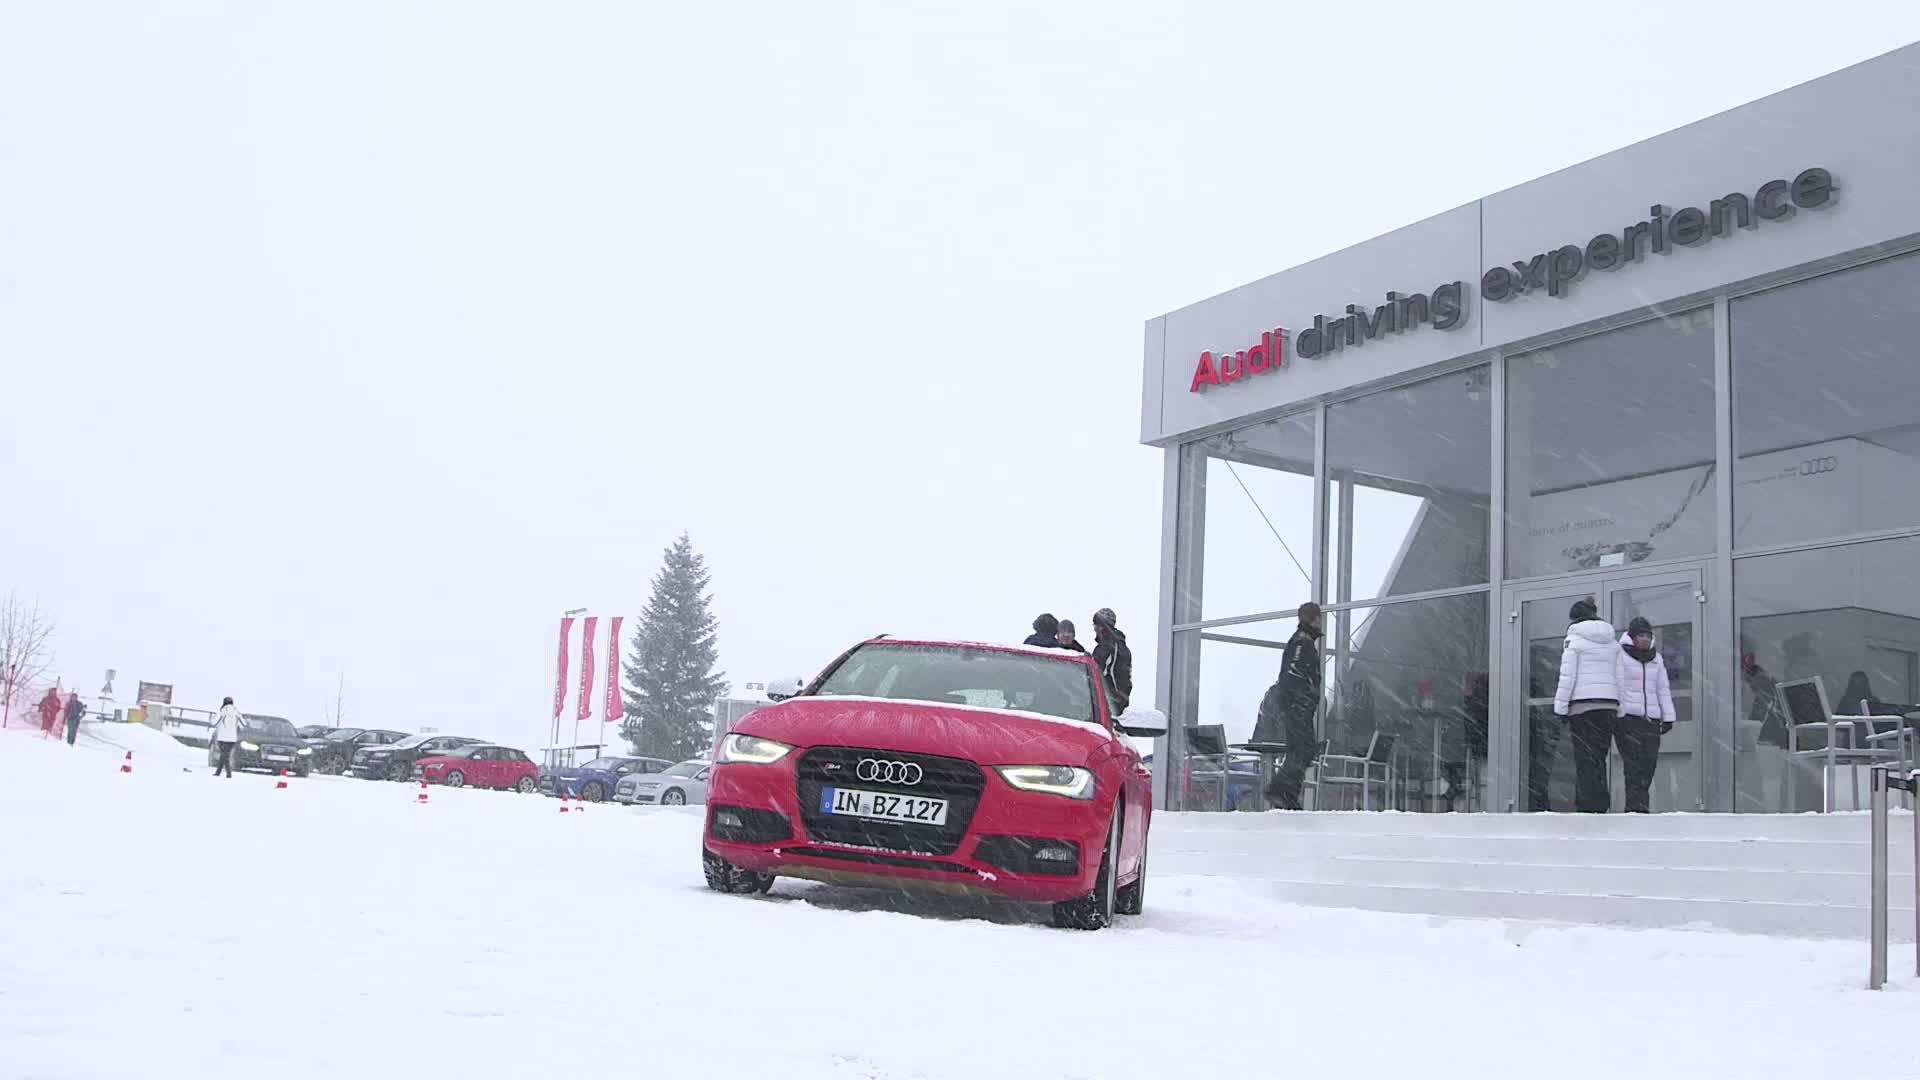 Der FC Bayern bei der driving experience in Kitzbühel - Footage